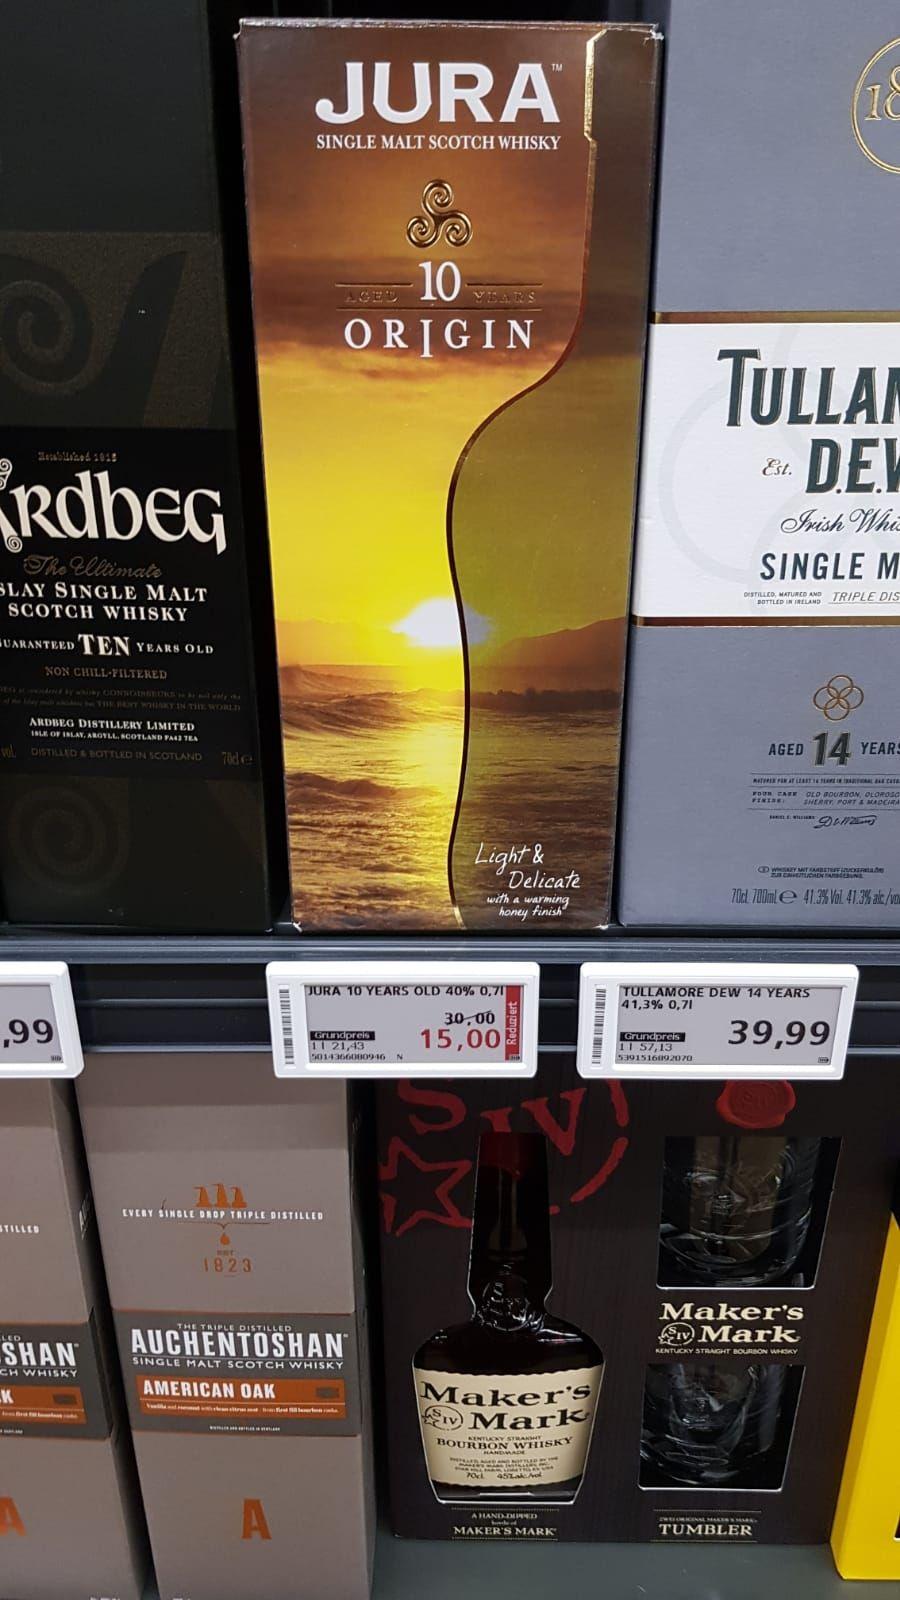 Isle of jura origin Single malt whisky 10 Jahre  REAL